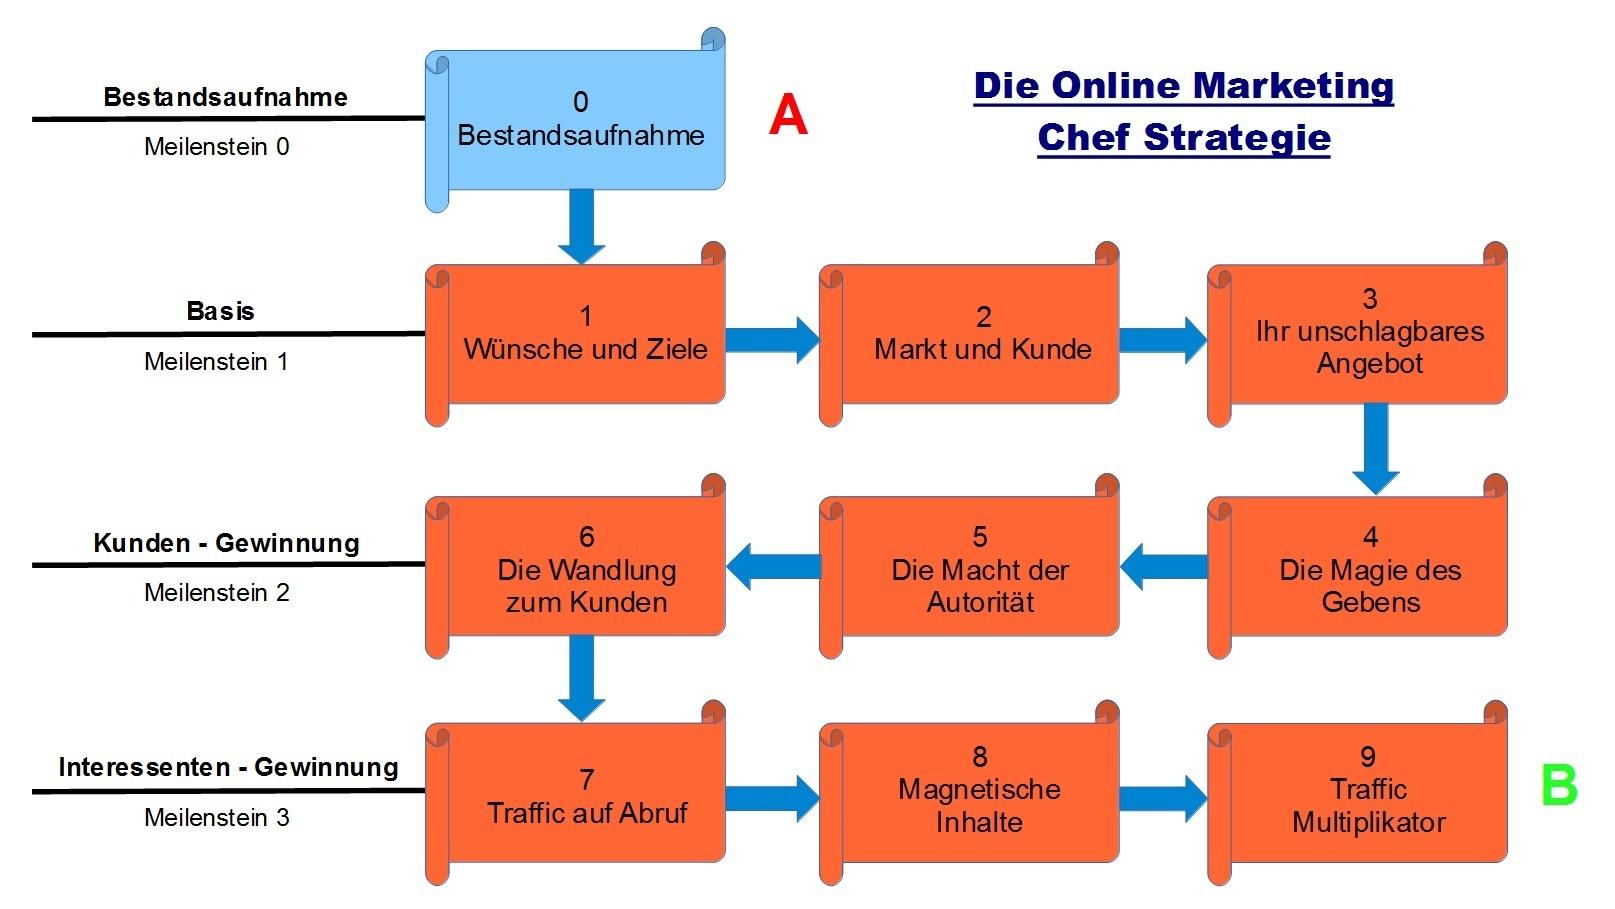 Die OnlineMarketingChefStrategie